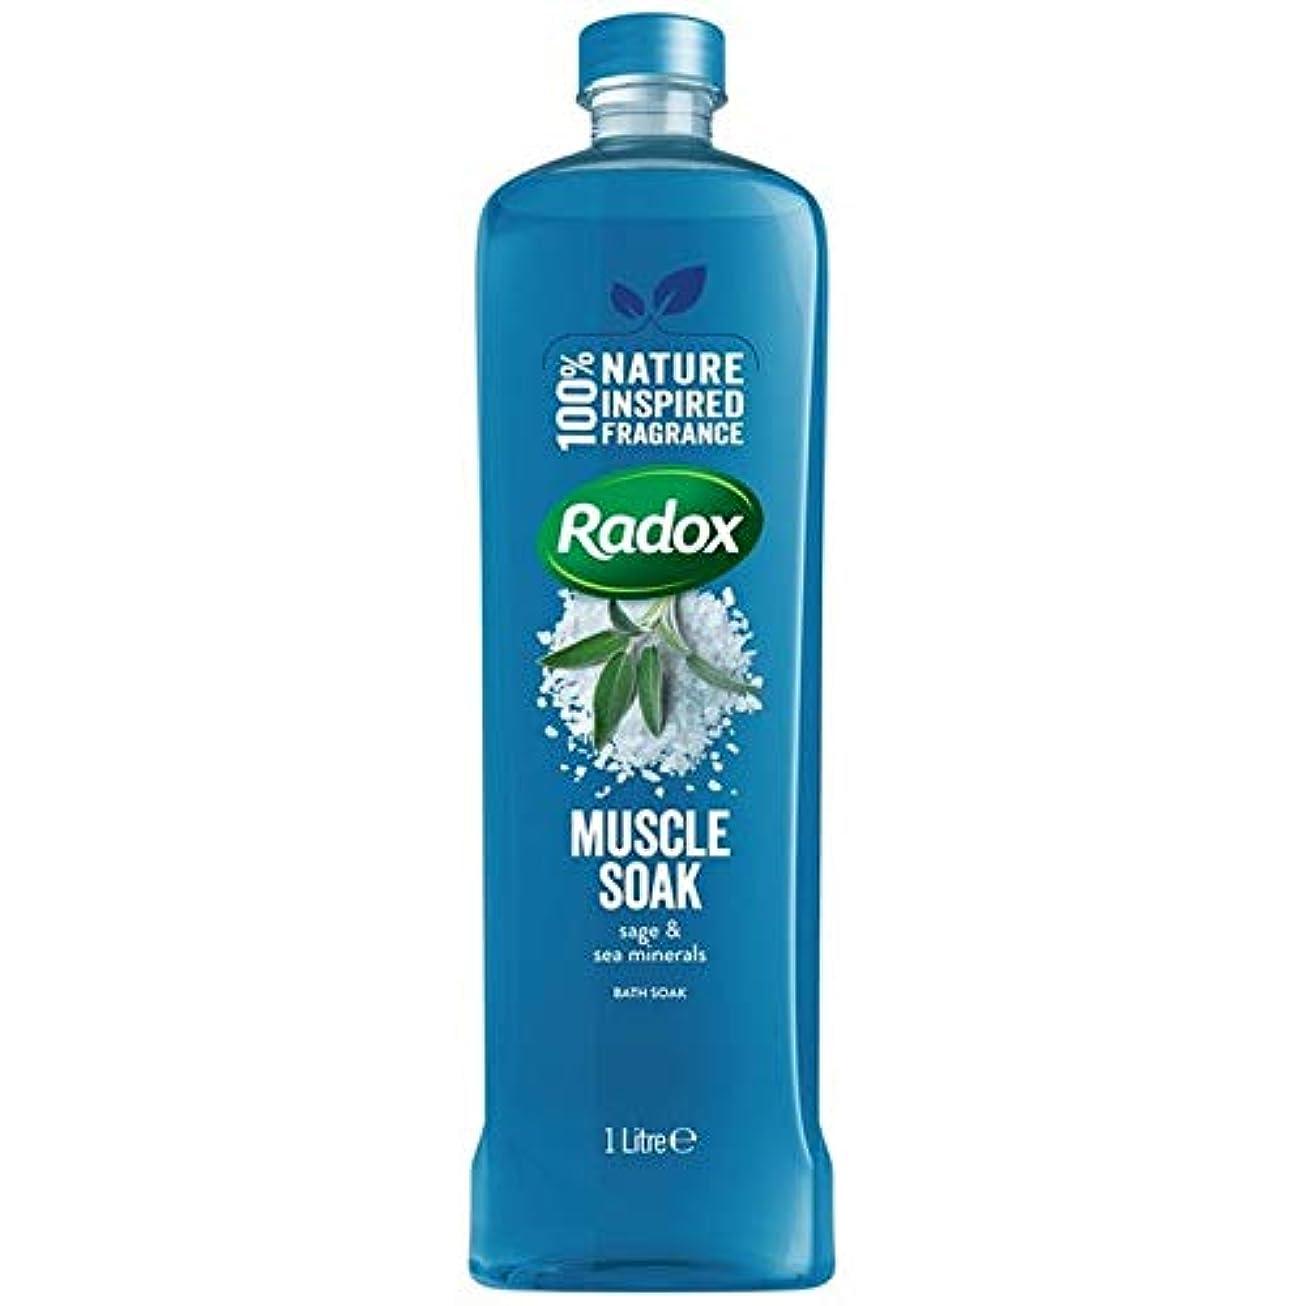 鏡抵当困難[Radox] Radox筋はセージ&海のミネラルの1リットルに浸し風呂につかります - Radox Muscle Soak Bath Soak with Sage & Sea Minerals 1L [並行輸入品]